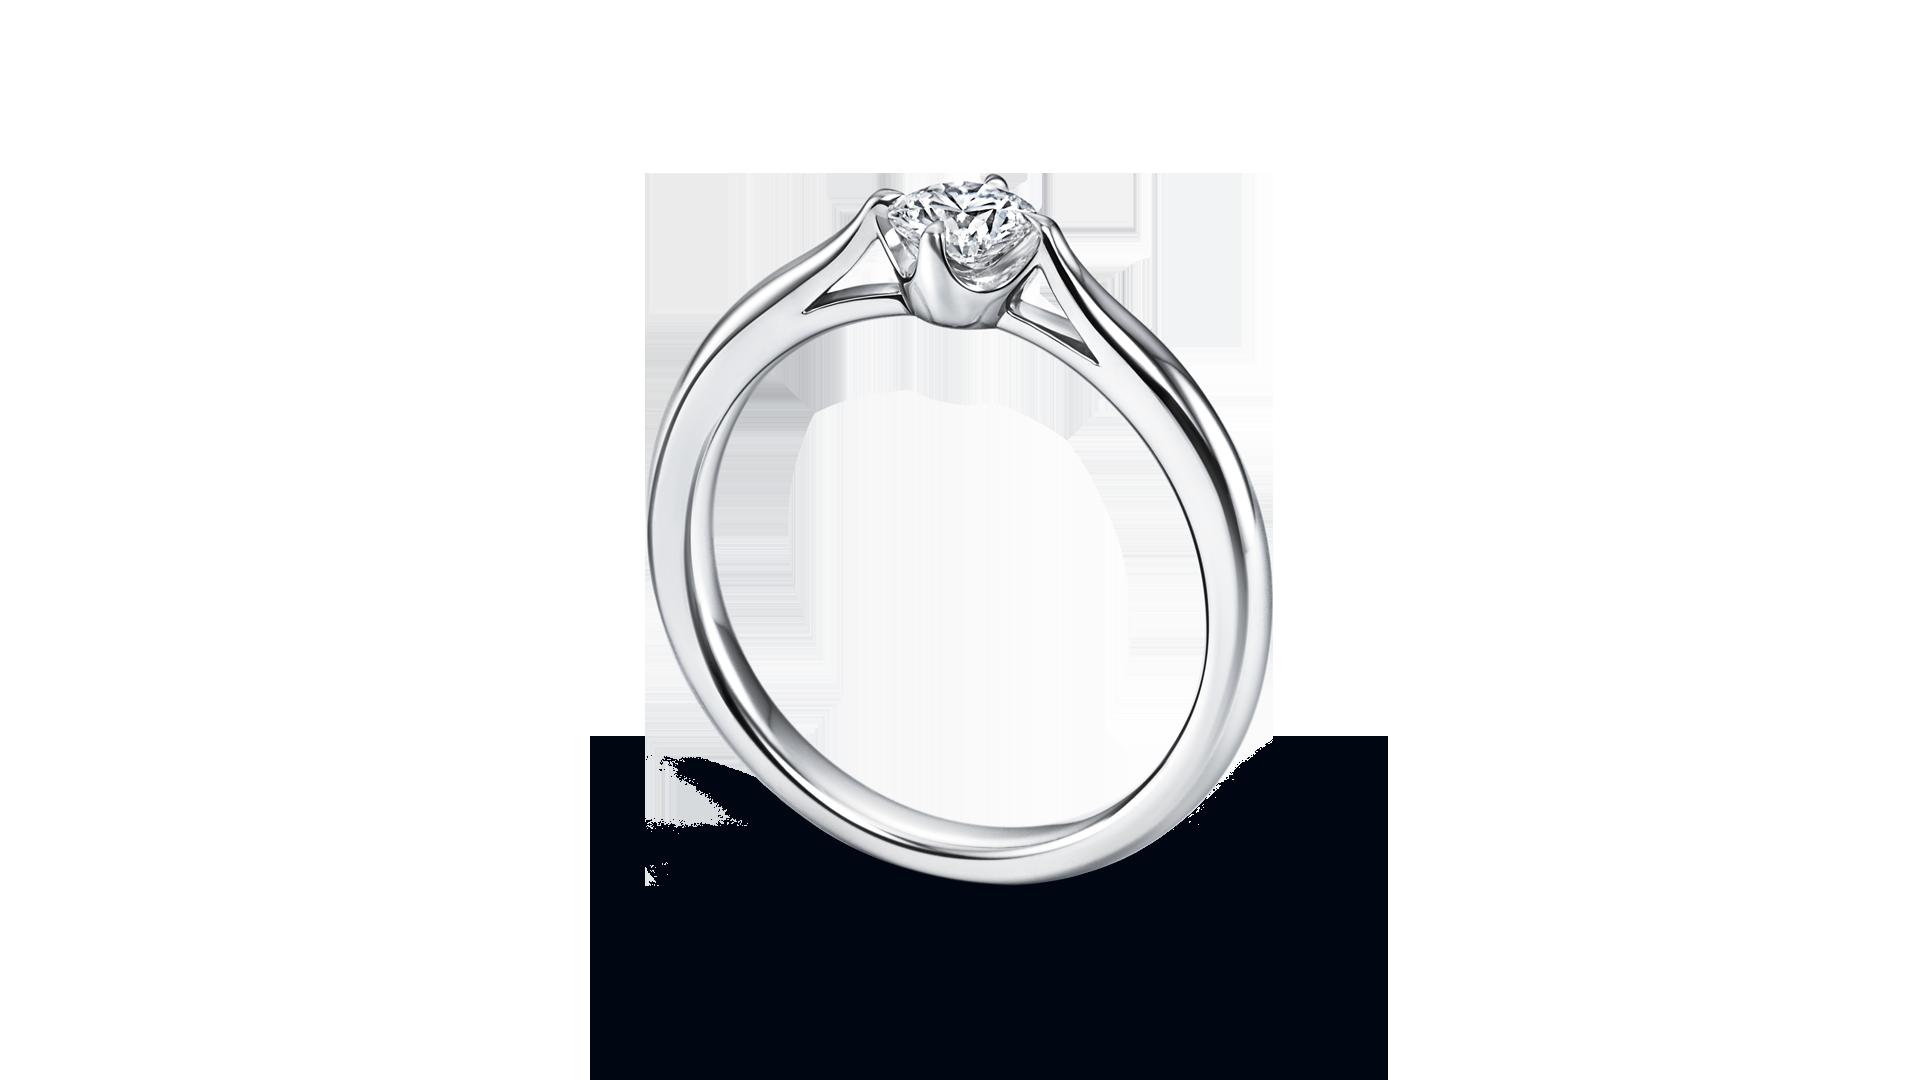 antiare アンティアーレ | 婚約指輪サムネイル 3